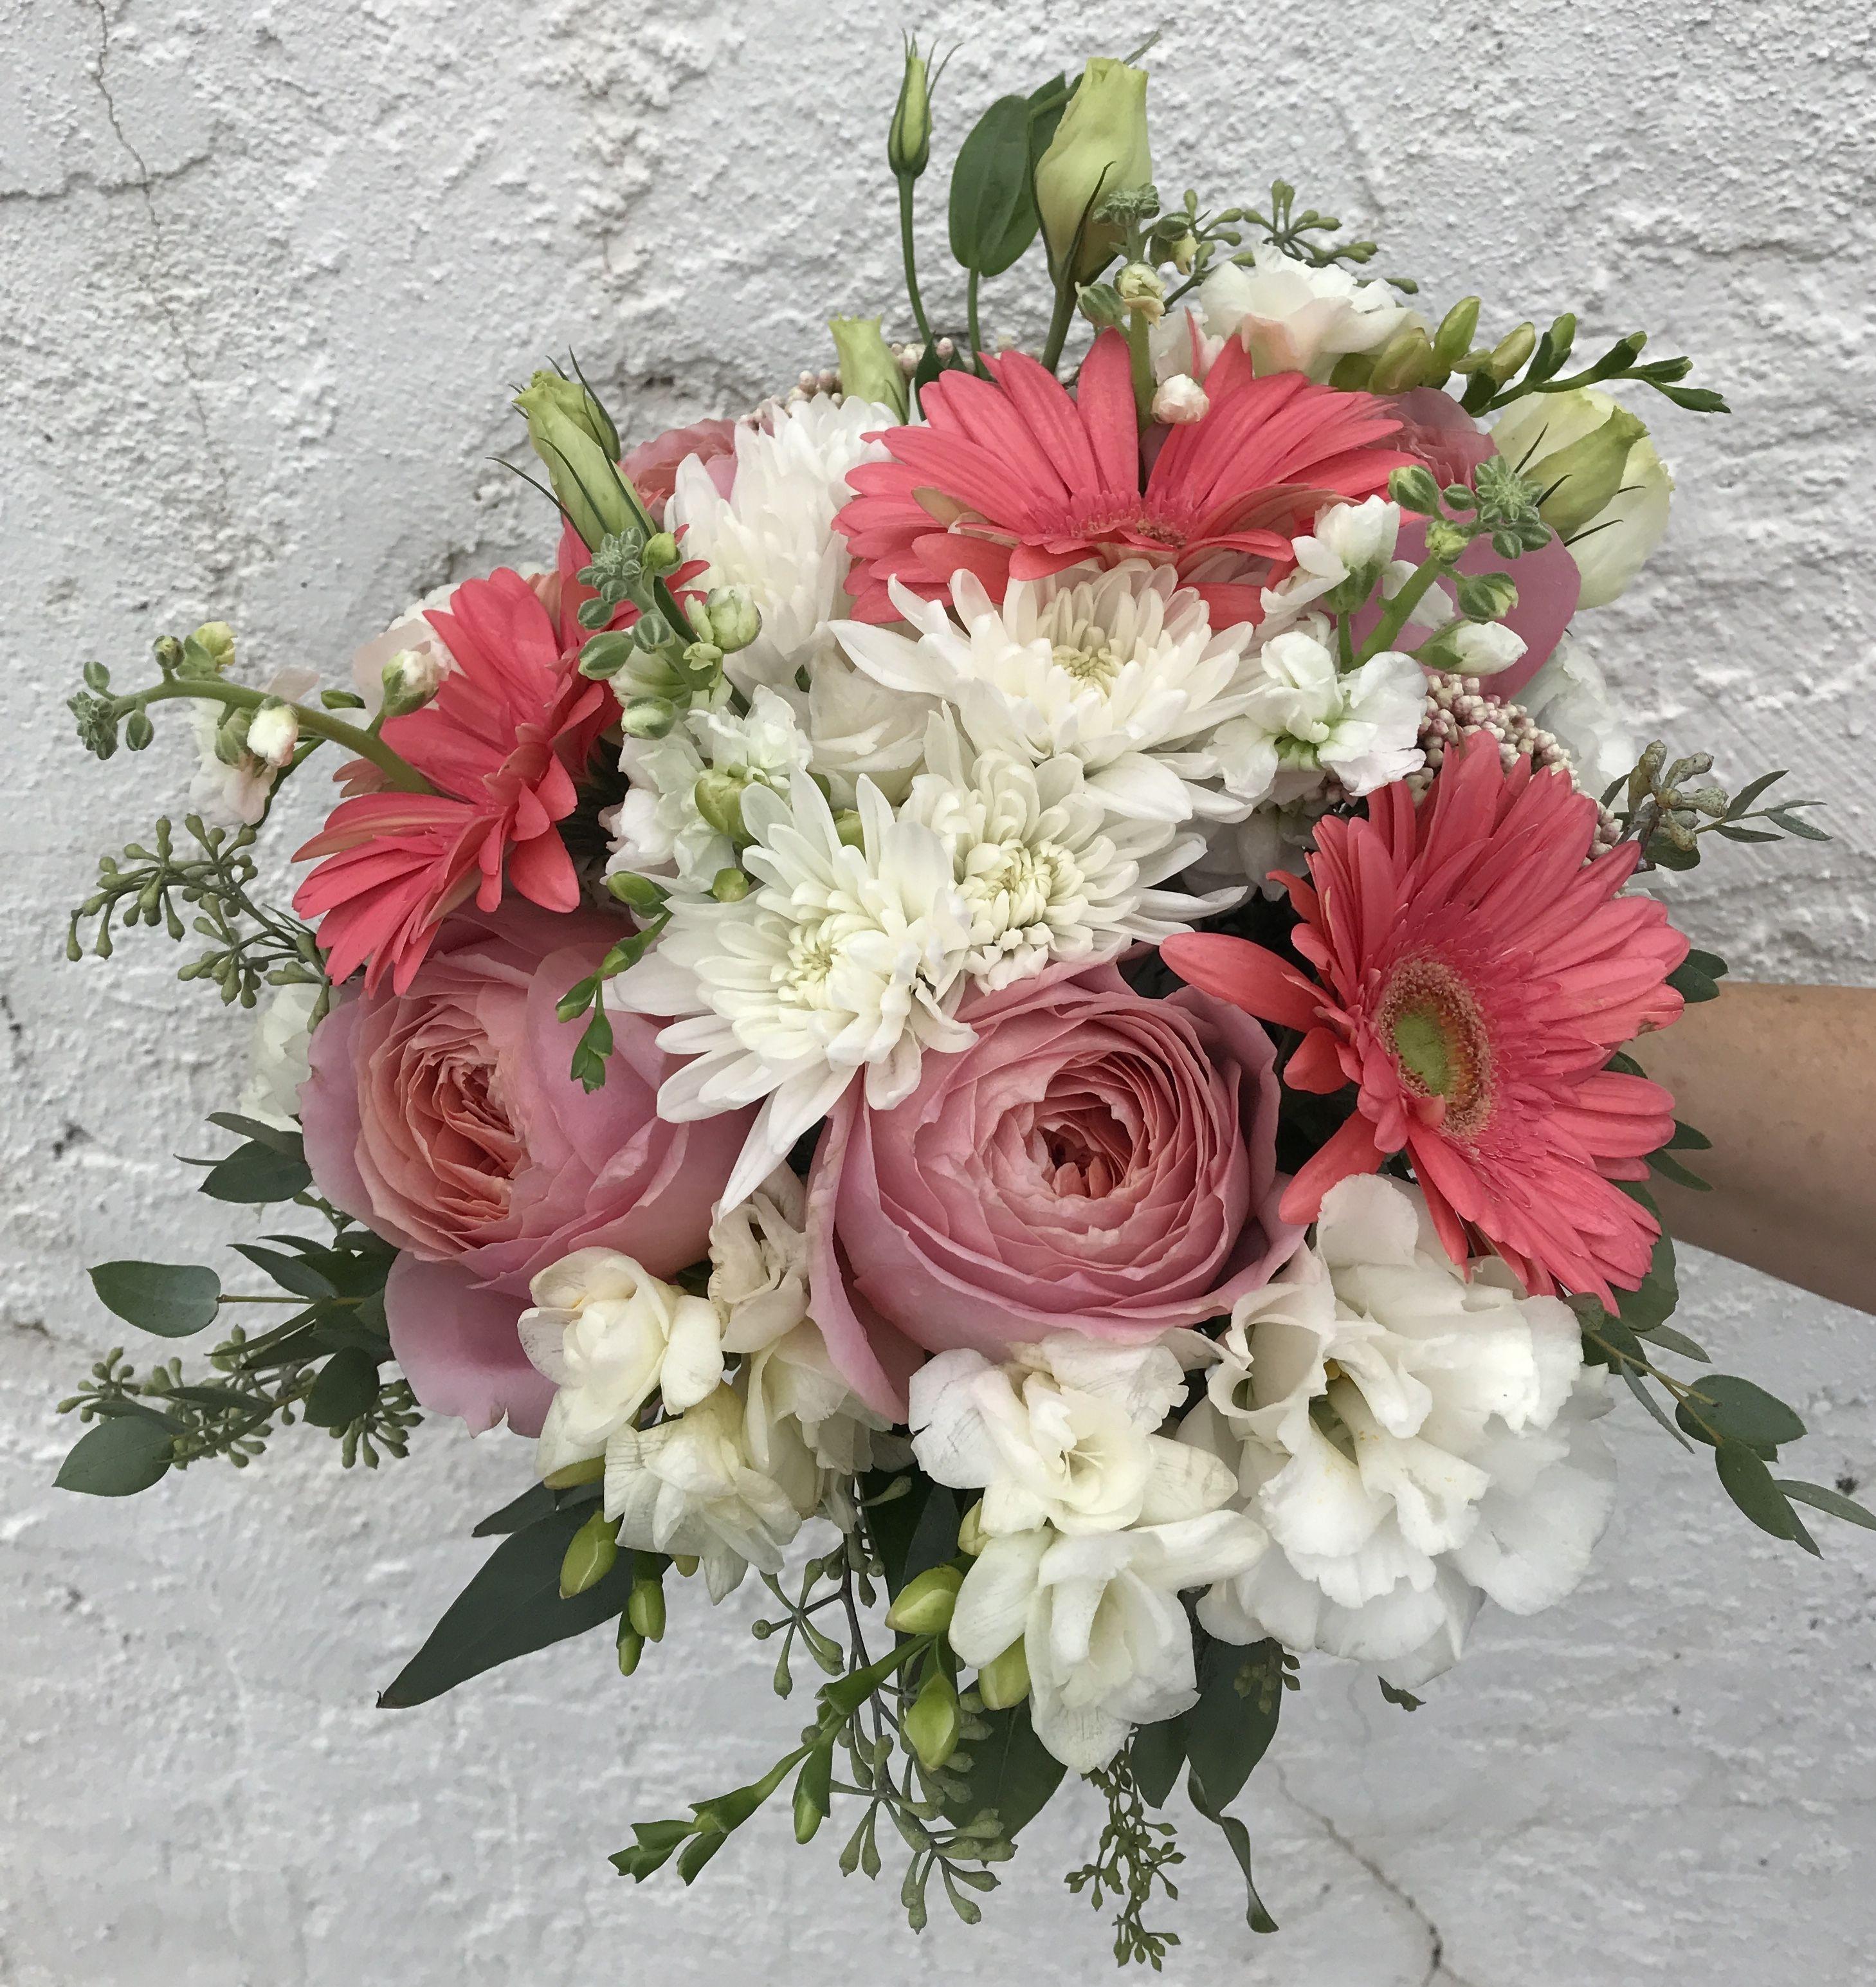 Essence Floral Design